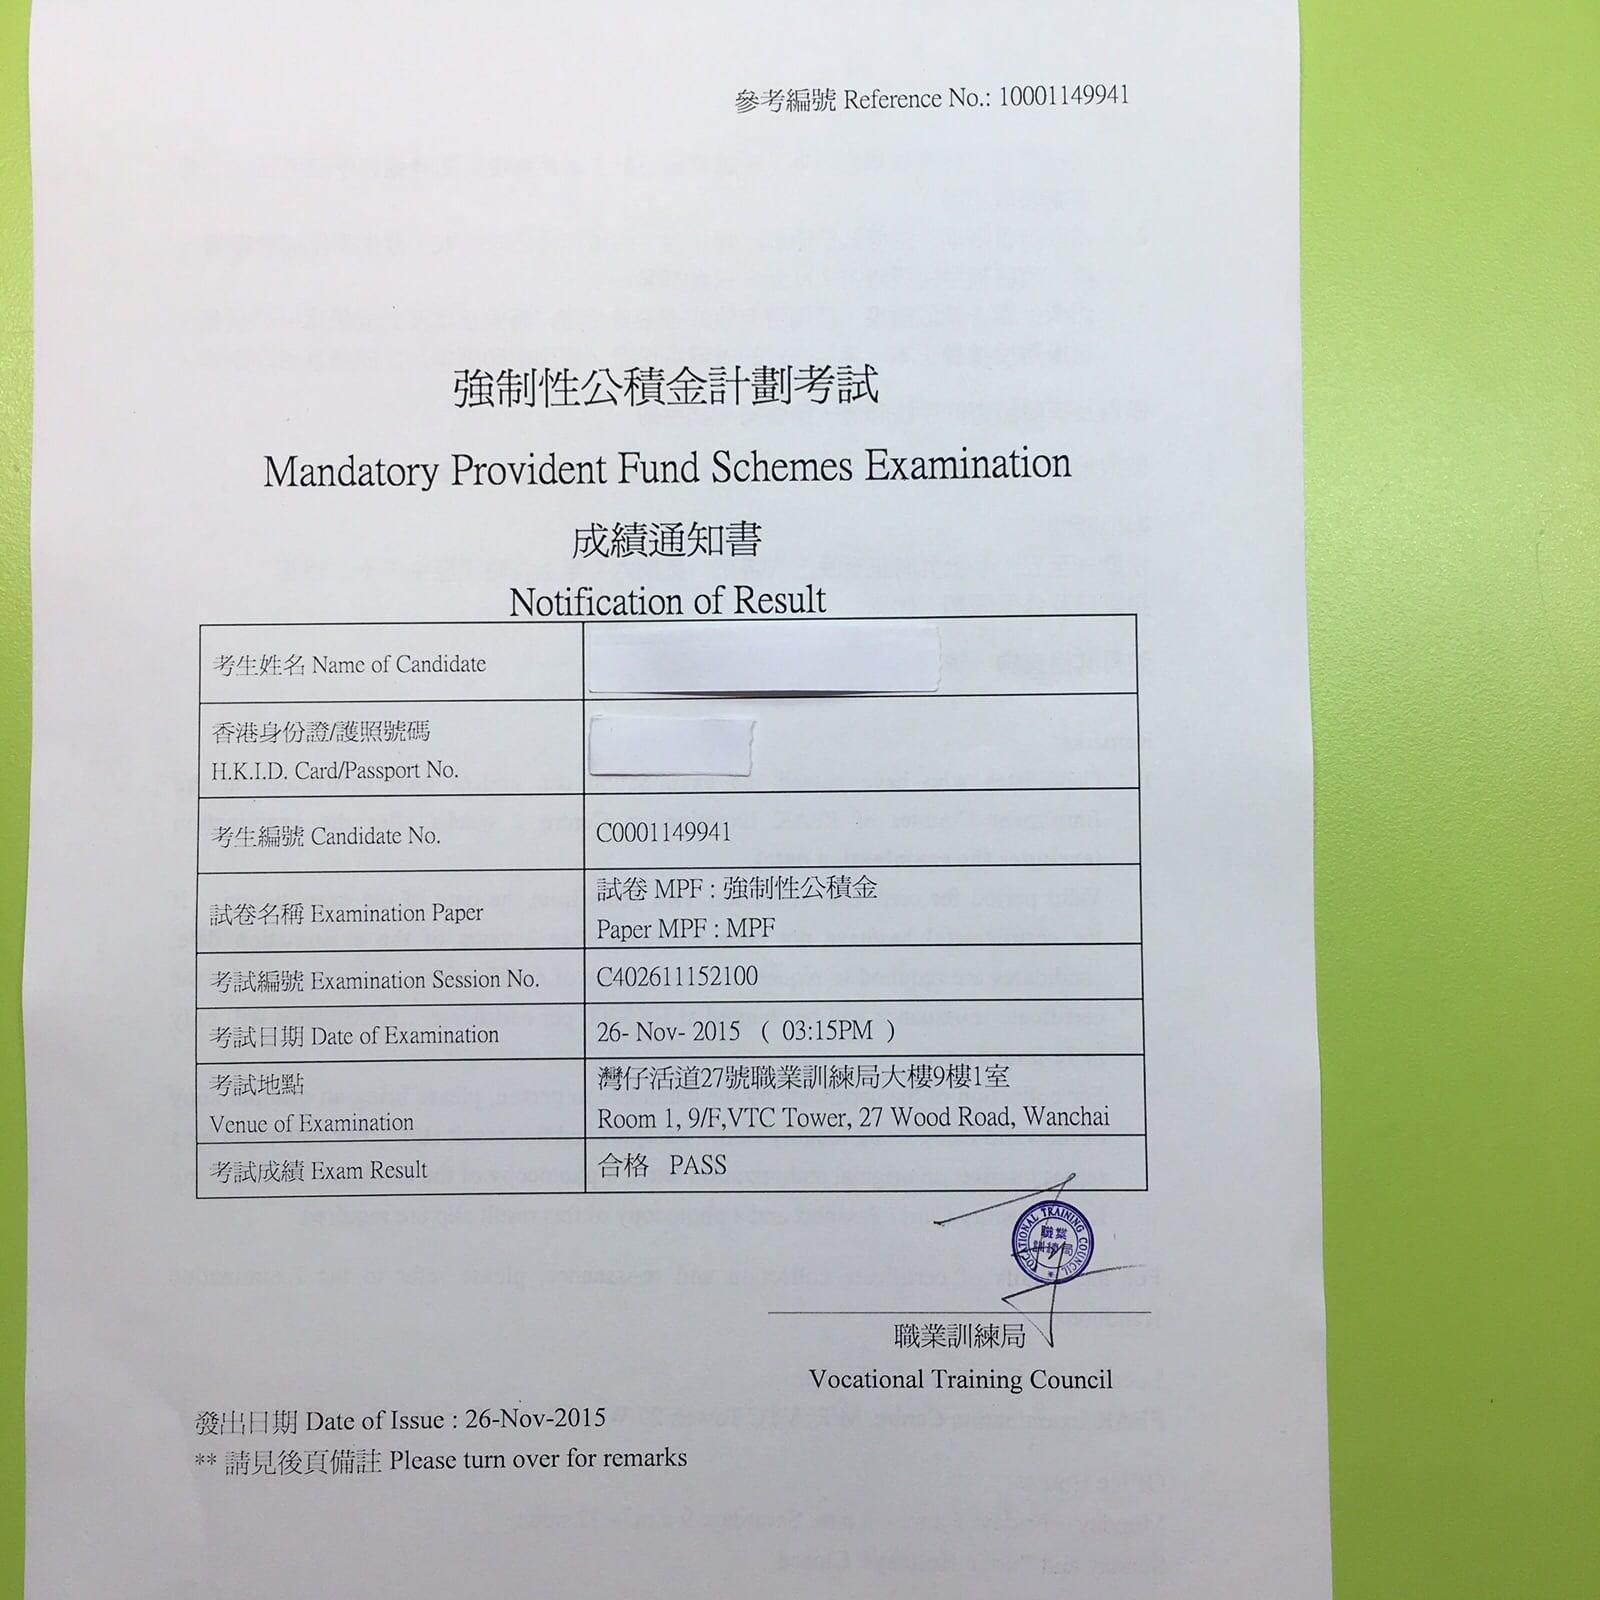 Simonching 26/11/2015 MPFE 強積金中介人資格考試 Pass